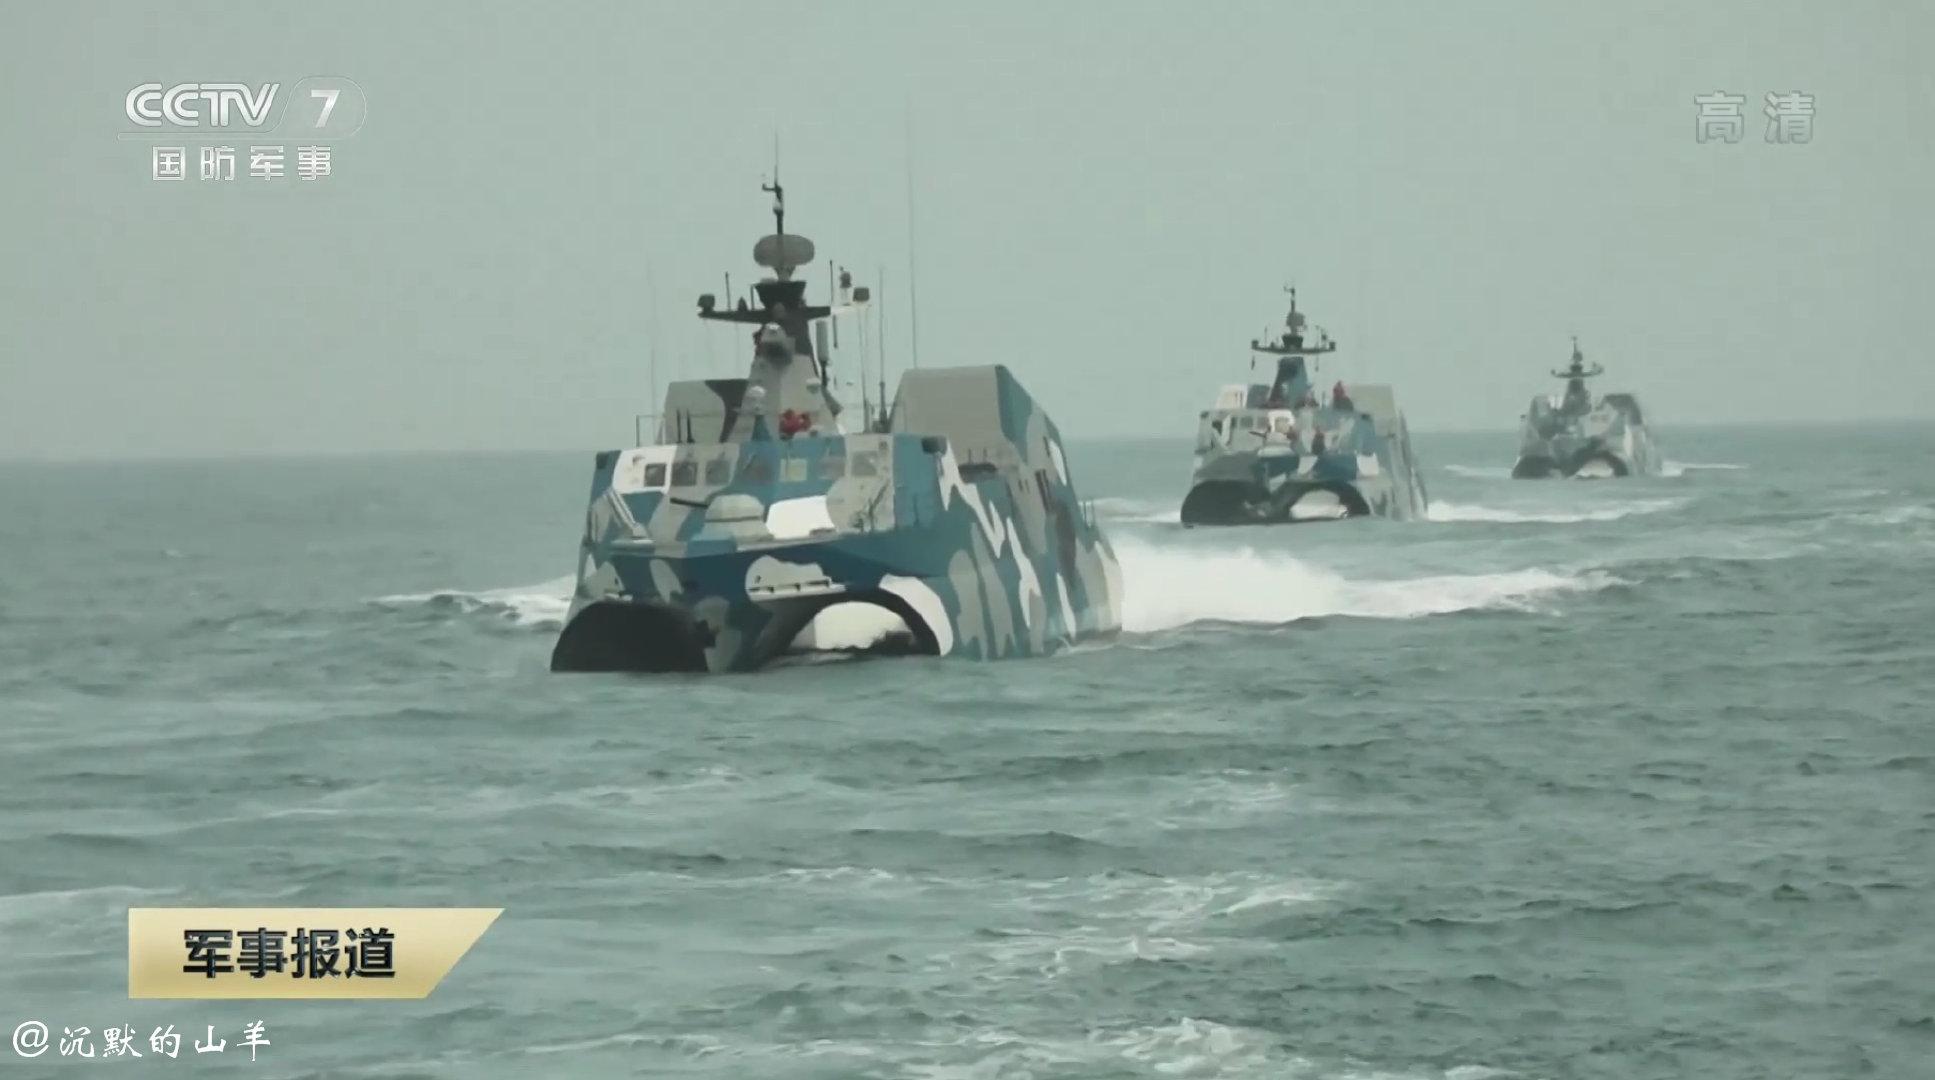 新闻中提到:22型导弹快艇高速灵活,隐身性能好